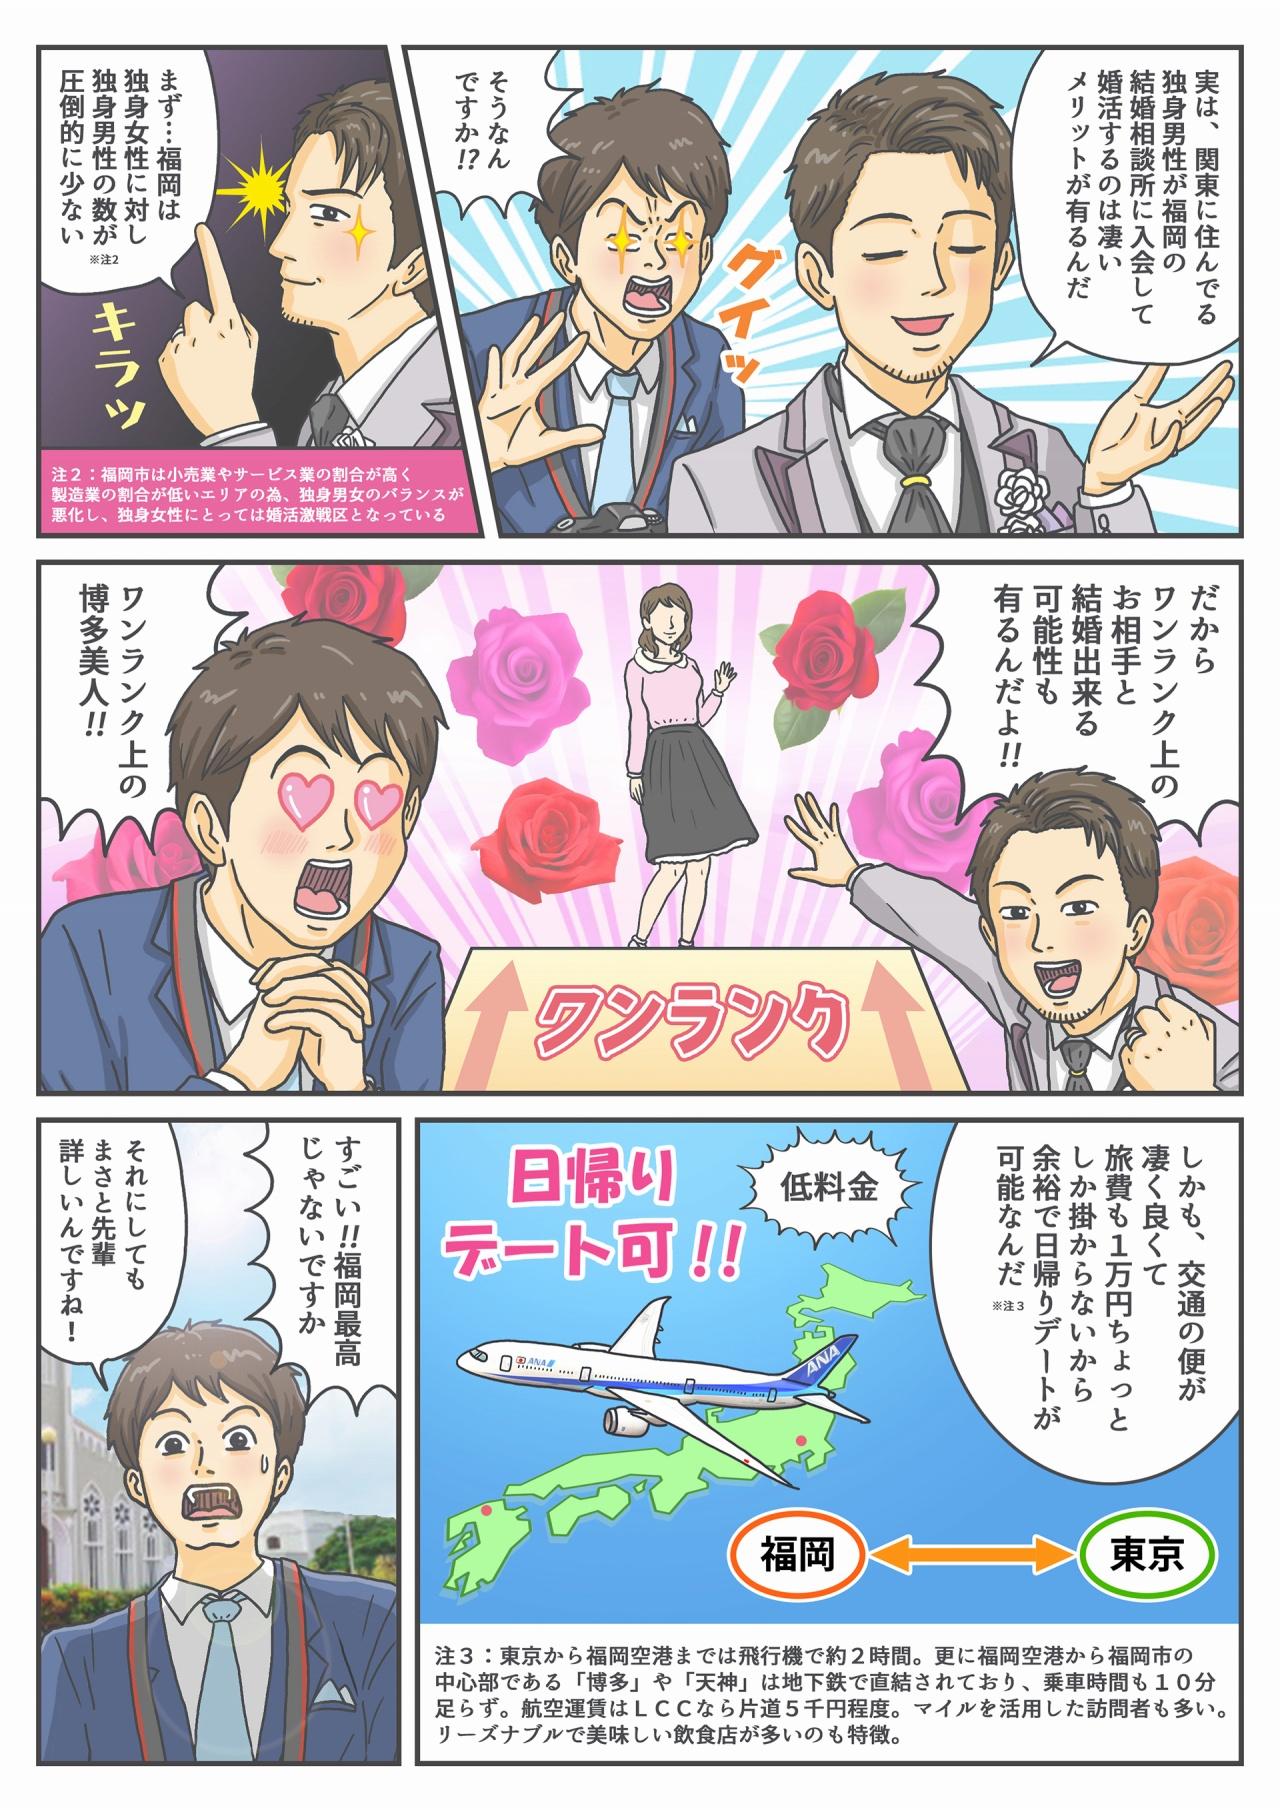 全国で6万人以上の真剣に結婚を考えている会員が活動している「日本結婚相談所連盟」では、スマホやパソコンを使って、24時間お相手探しが可能